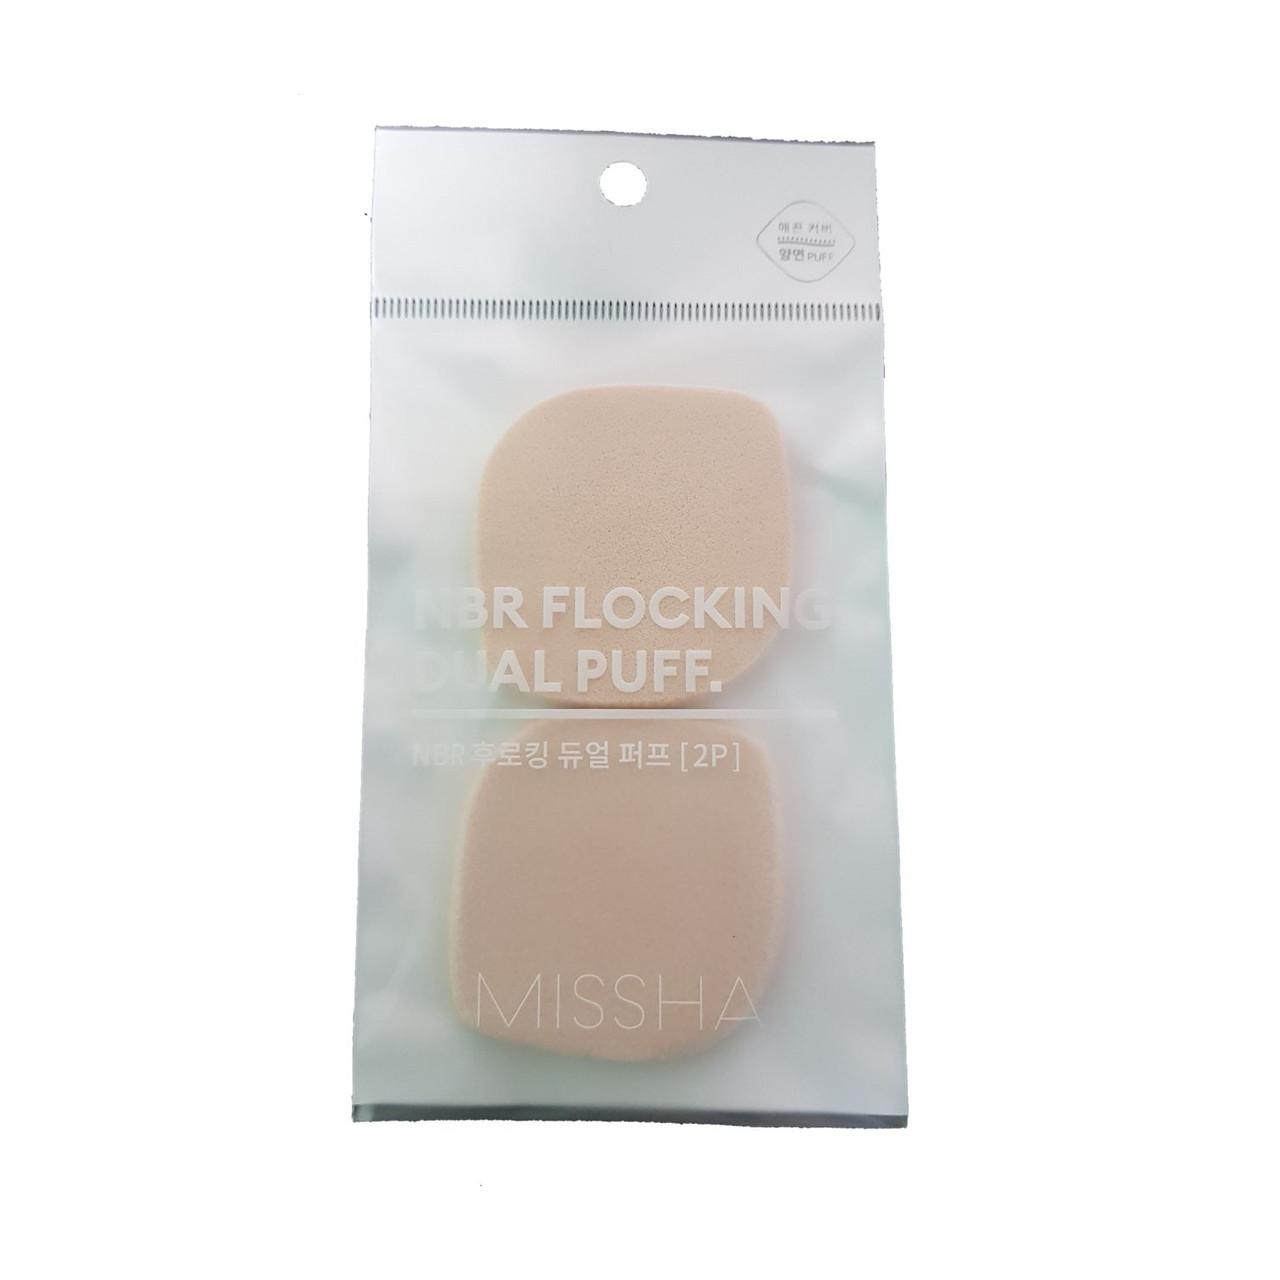 Спонж для макияжа двойной Missha NBR-Flocking Dual Puff 2 шт (8809581447400)